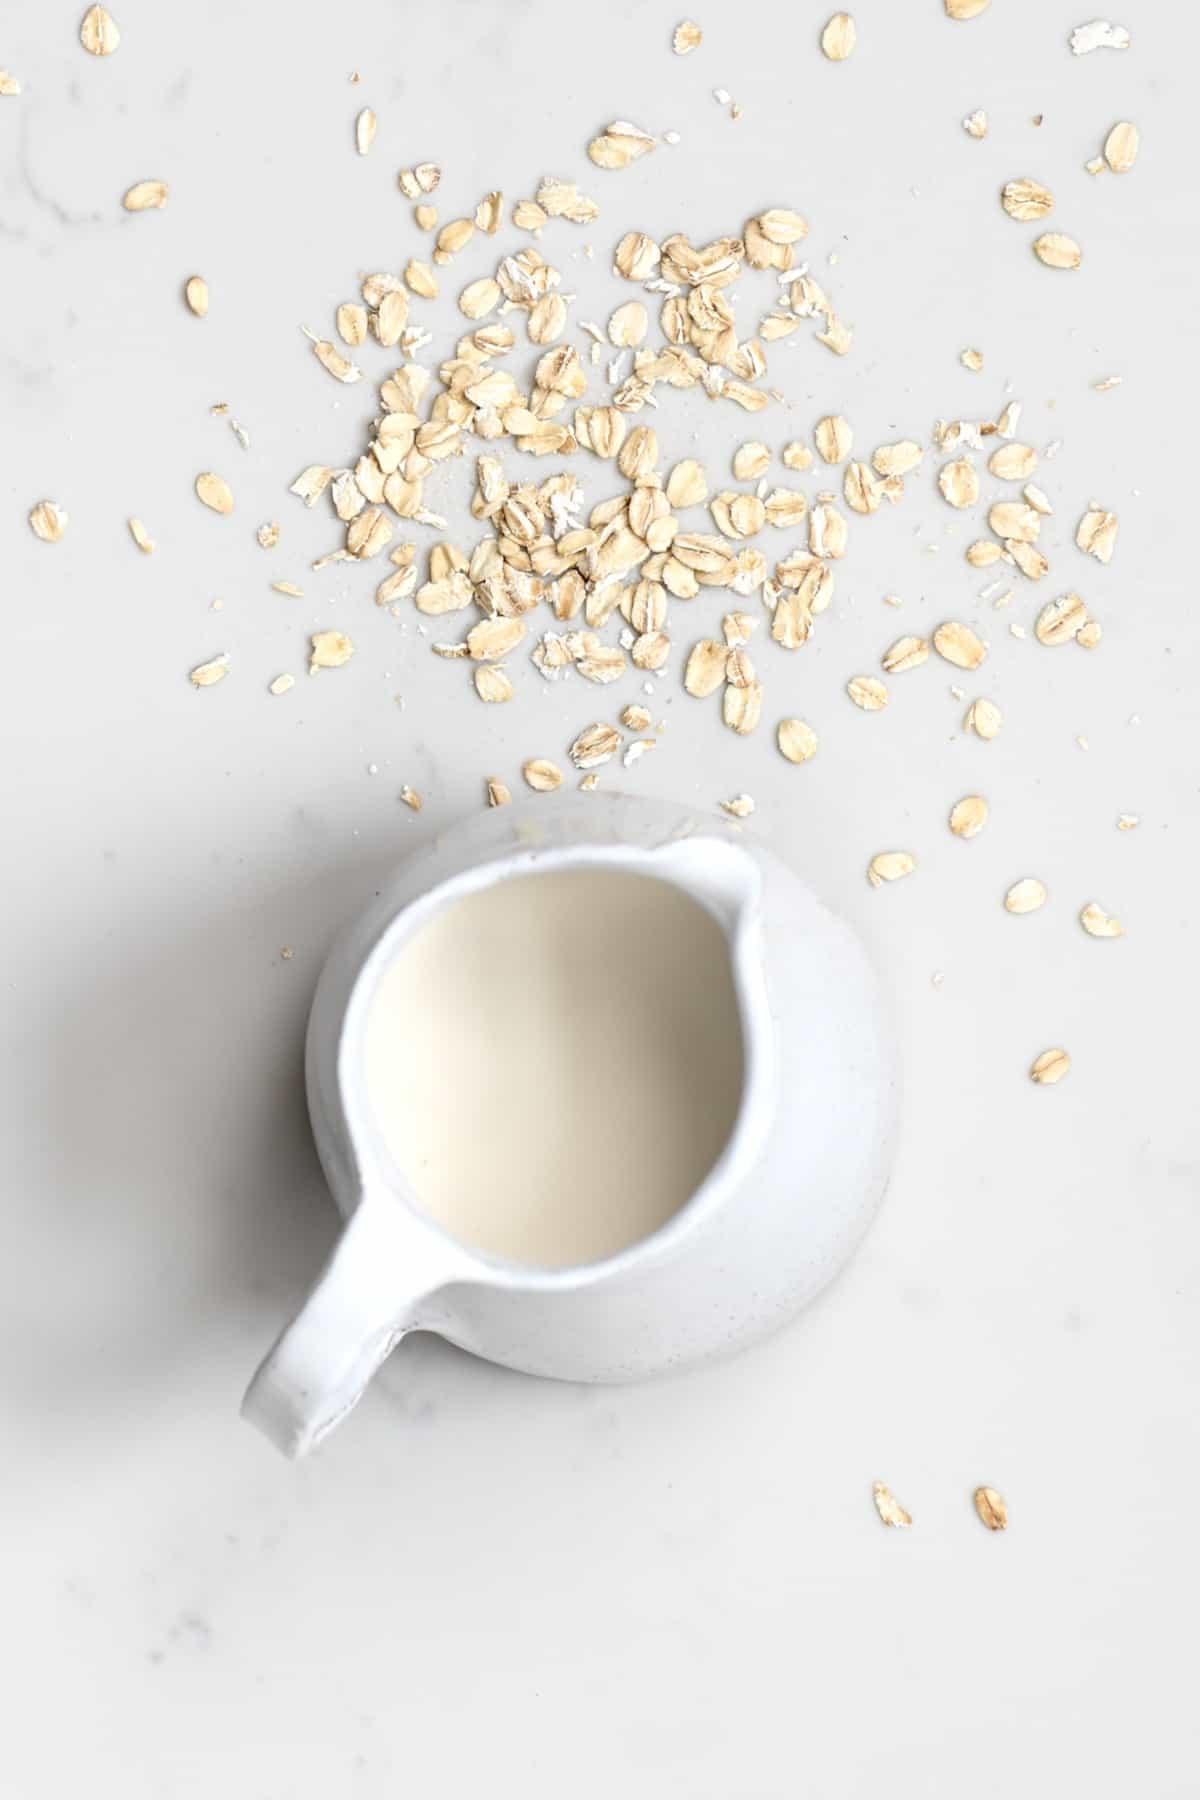 Oat creamer in a milk pourer